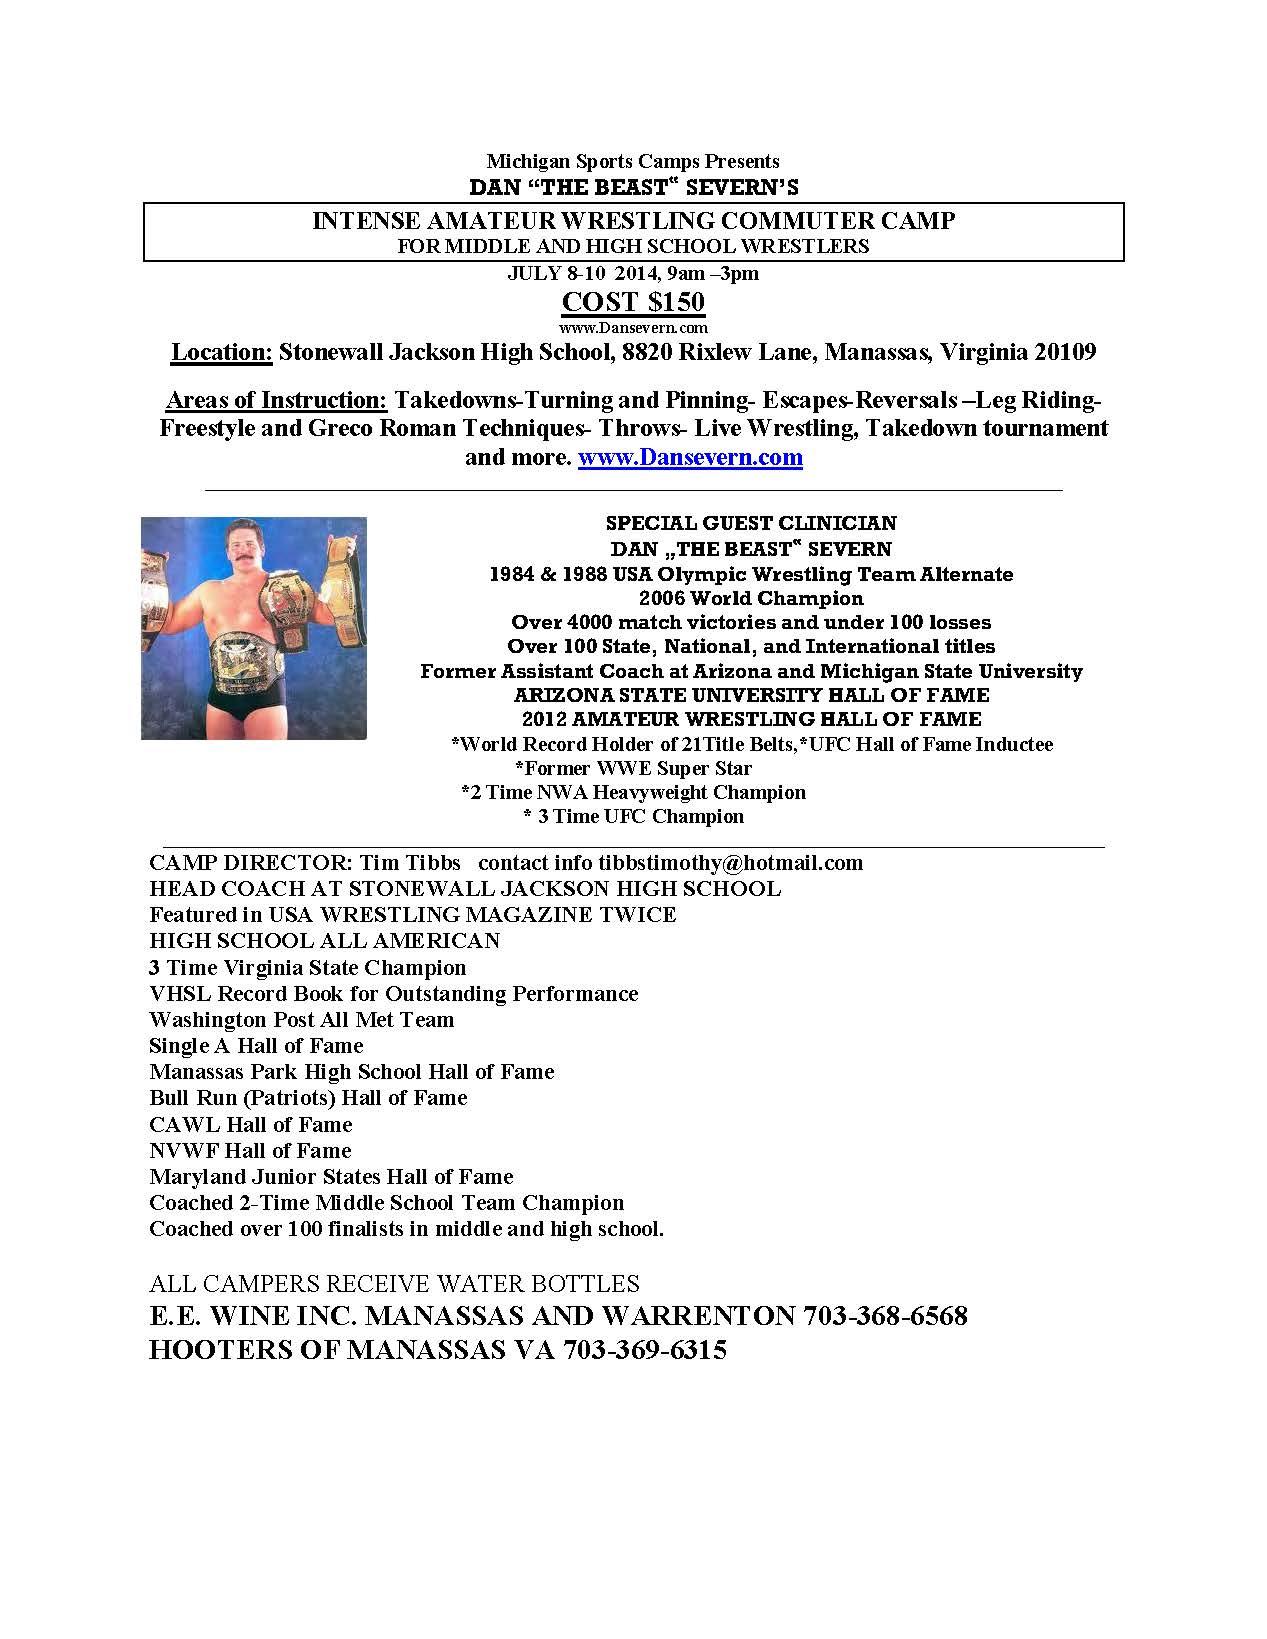 2014 Wrestling Camp